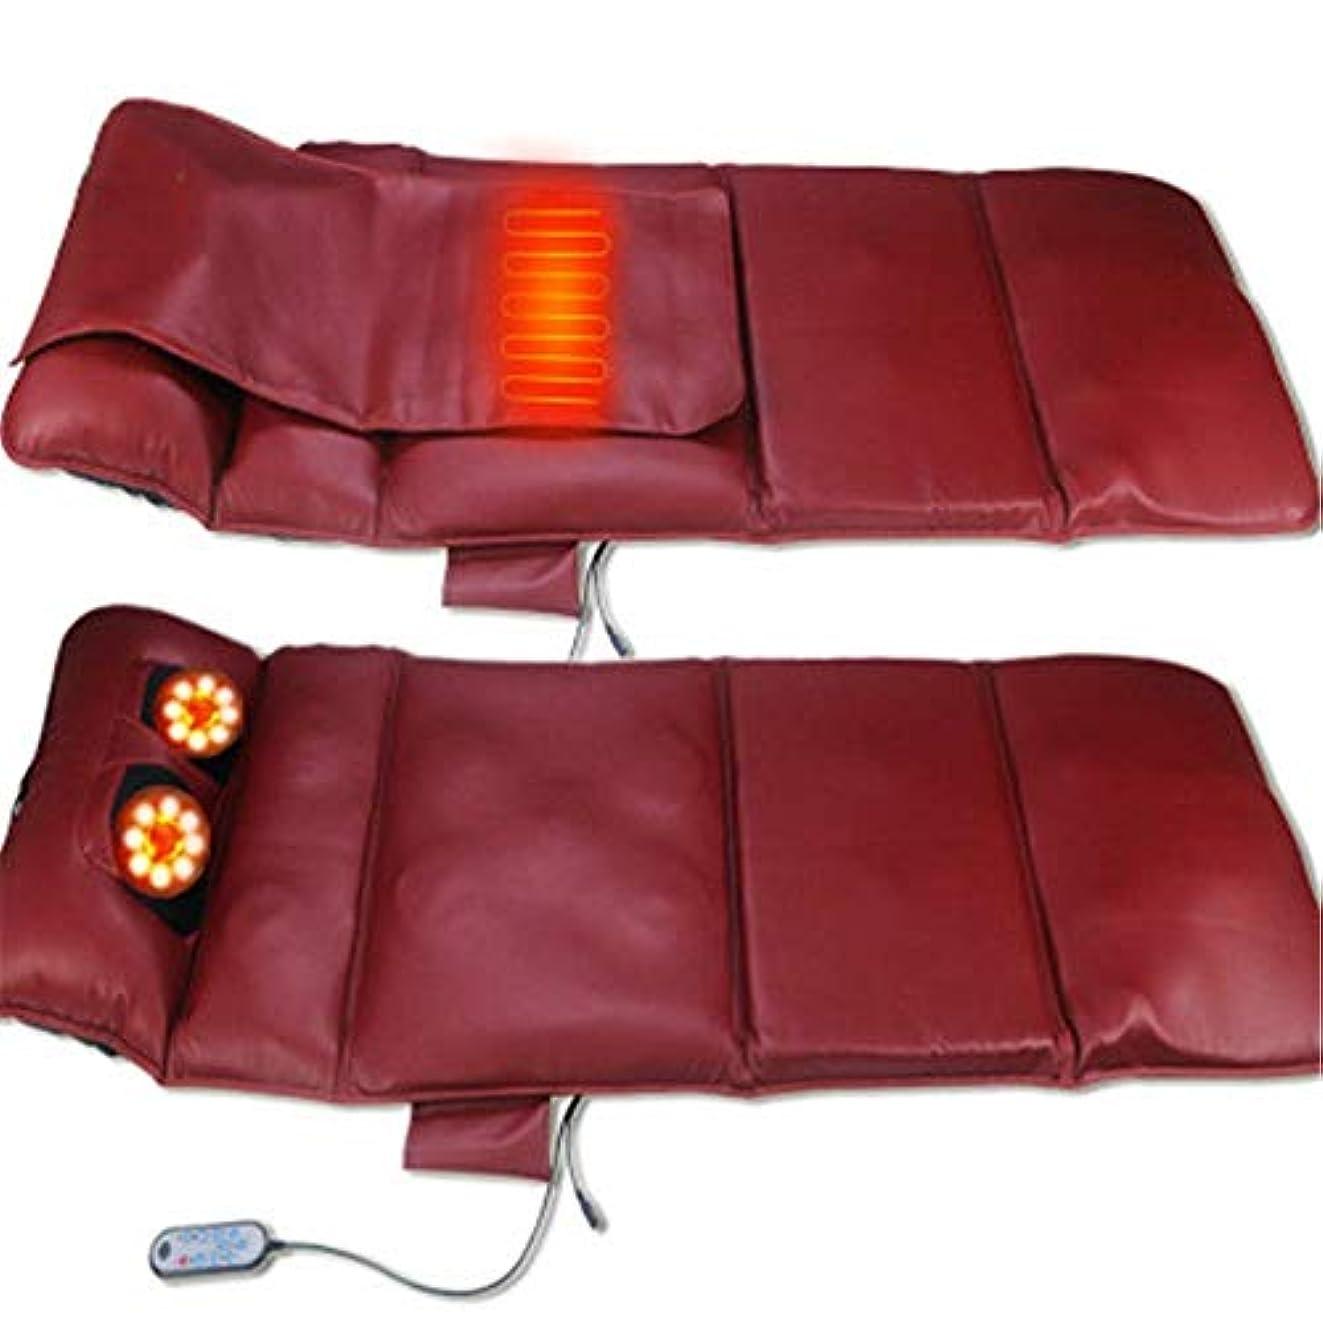 信じるオーク旅リラックス健康マットレス電気マッサージマット暖房理学療法ボディの痛みを軽減するマッサージマットエアバッグマッサージマットレス,ブラウン